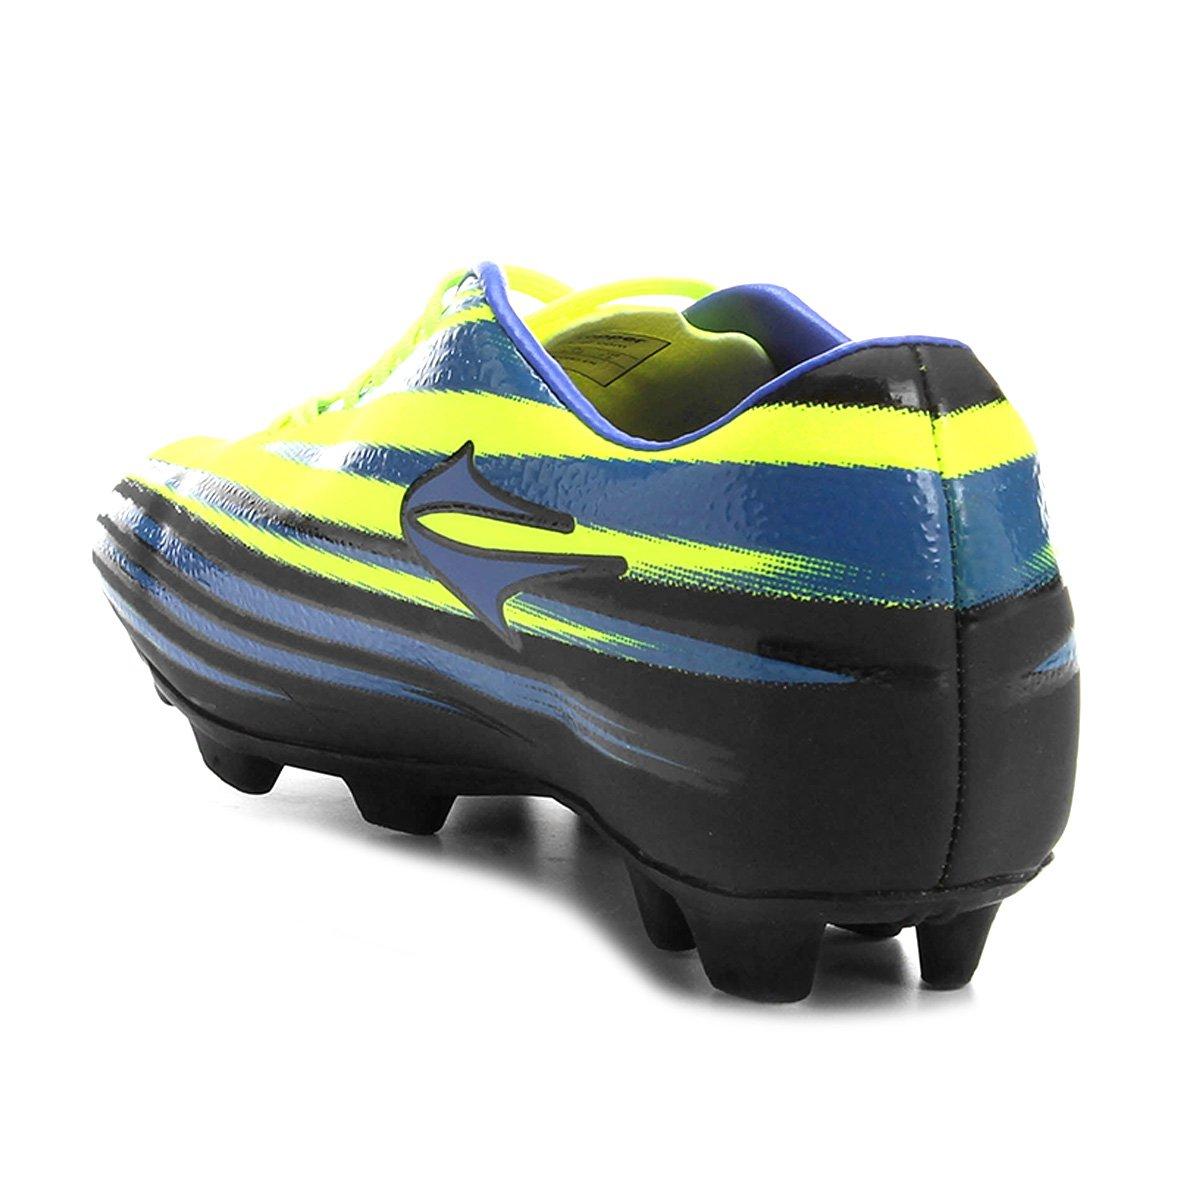 Chuteira Campo Topper Vector 2 - Azul e Verde Limão - Compre Agora ... df6f5c791b230